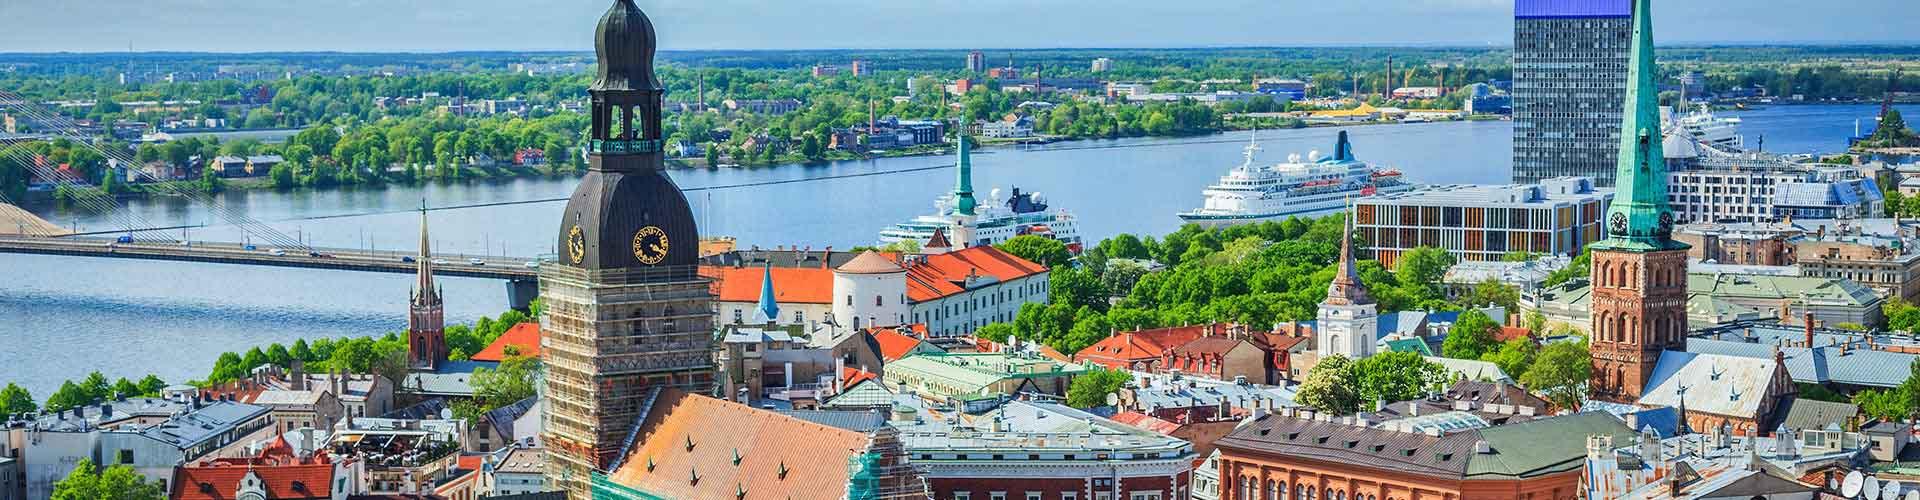 Riga - Lakosztályok Riga. Riga térképek, fotók és ajánlások minden egyes Riga lakosztályról.